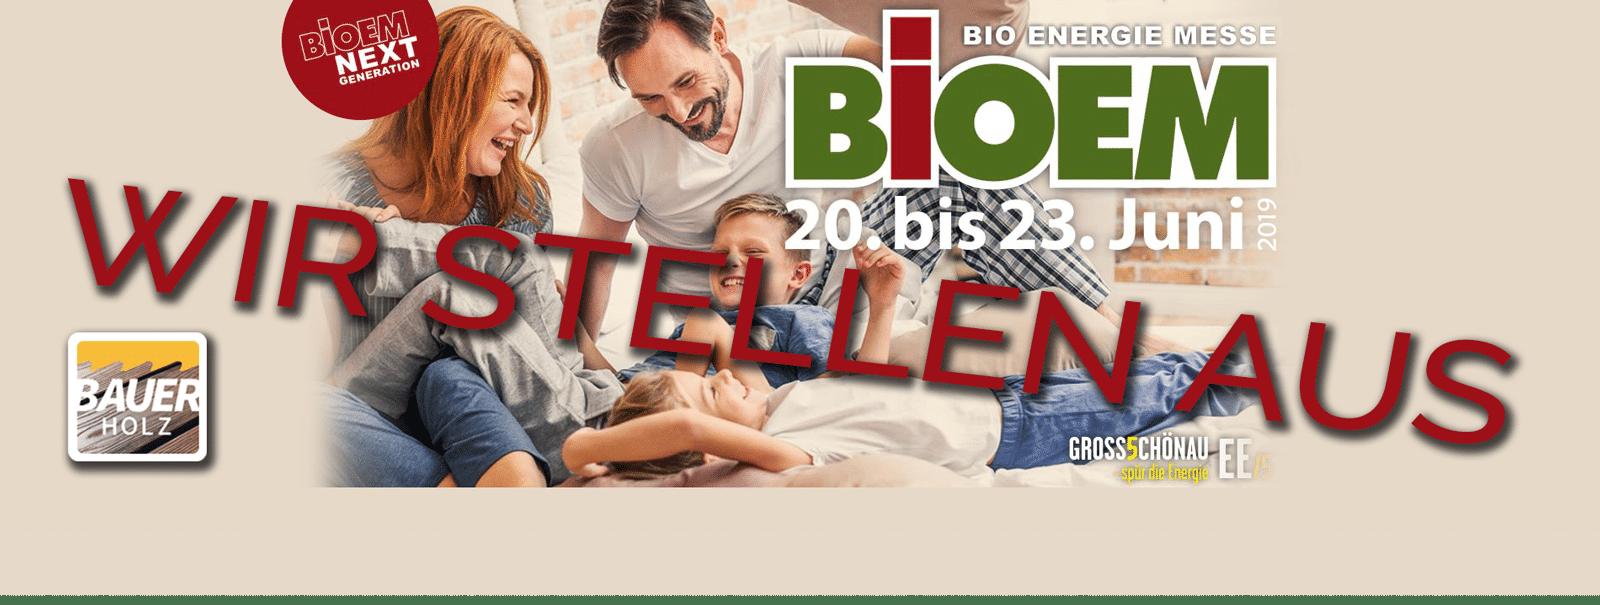 BIOEM – Die Bio-Energie Messe – von 20. bis 23.6.2019